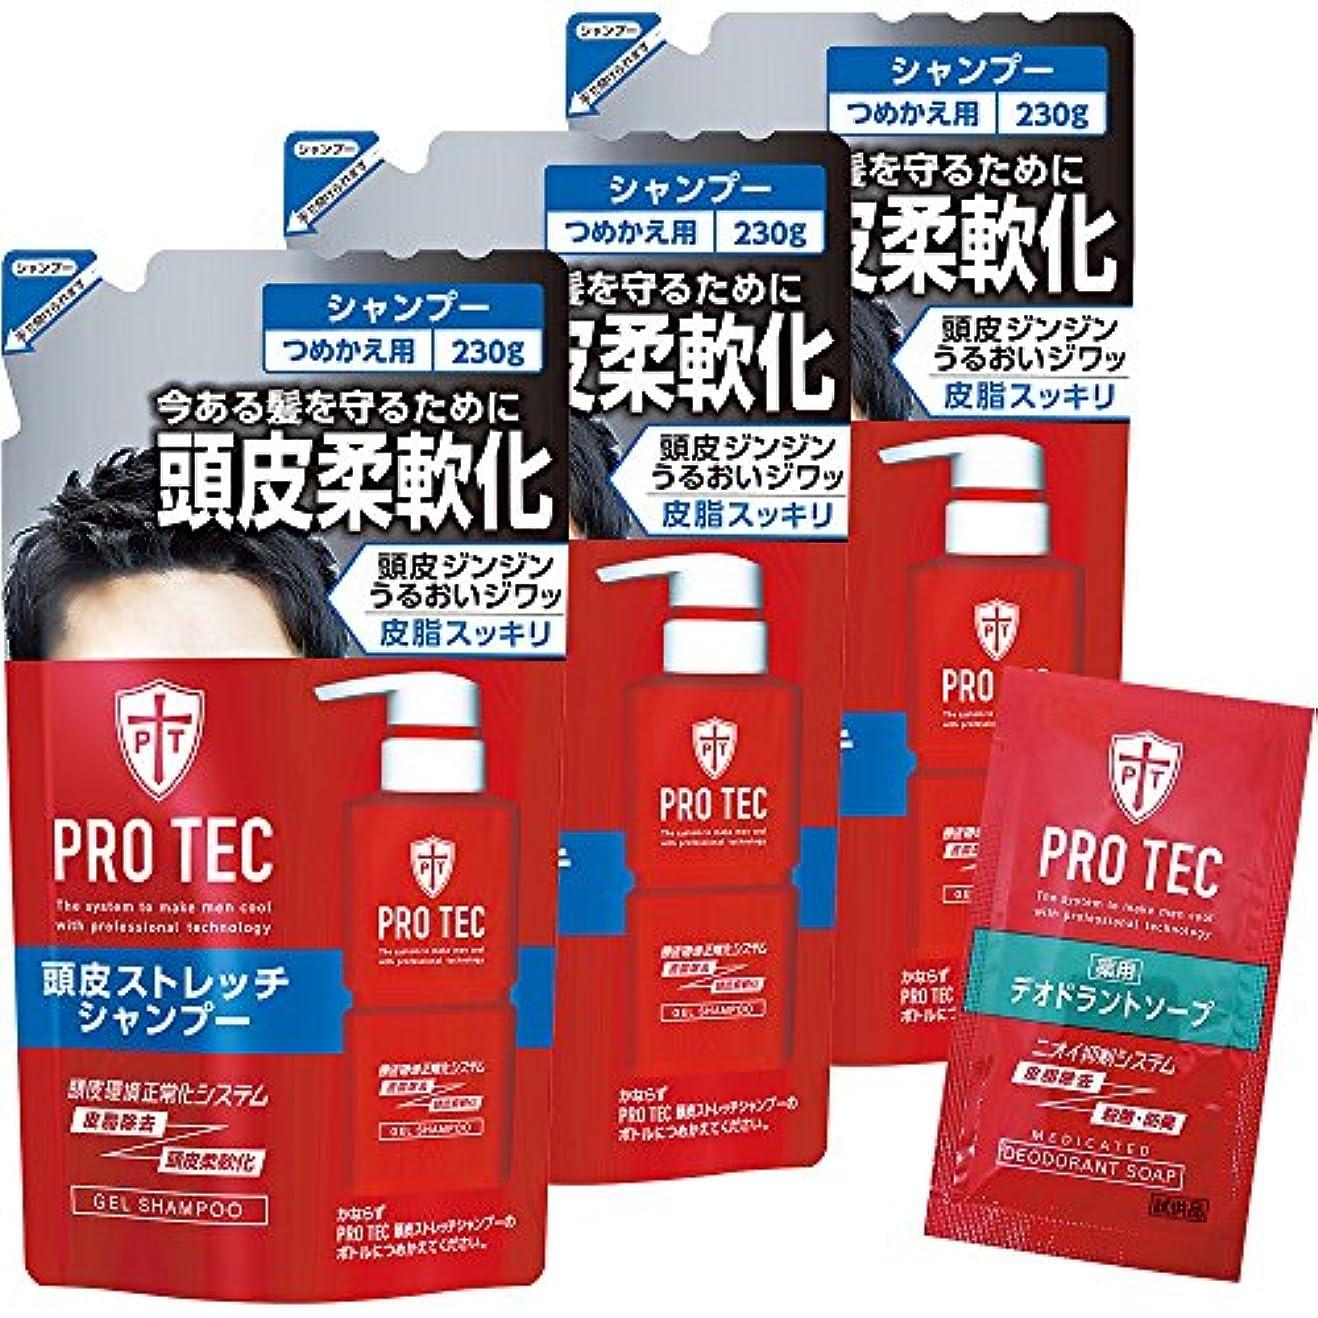 微生物素晴らしいですサークル【Amazon.co.jp限定】PRO TEC(プロテク) 頭皮ストレッチ シャンプー 詰め替え 230g×3個パック+デオドラントソープ1回分付(医薬部外品)